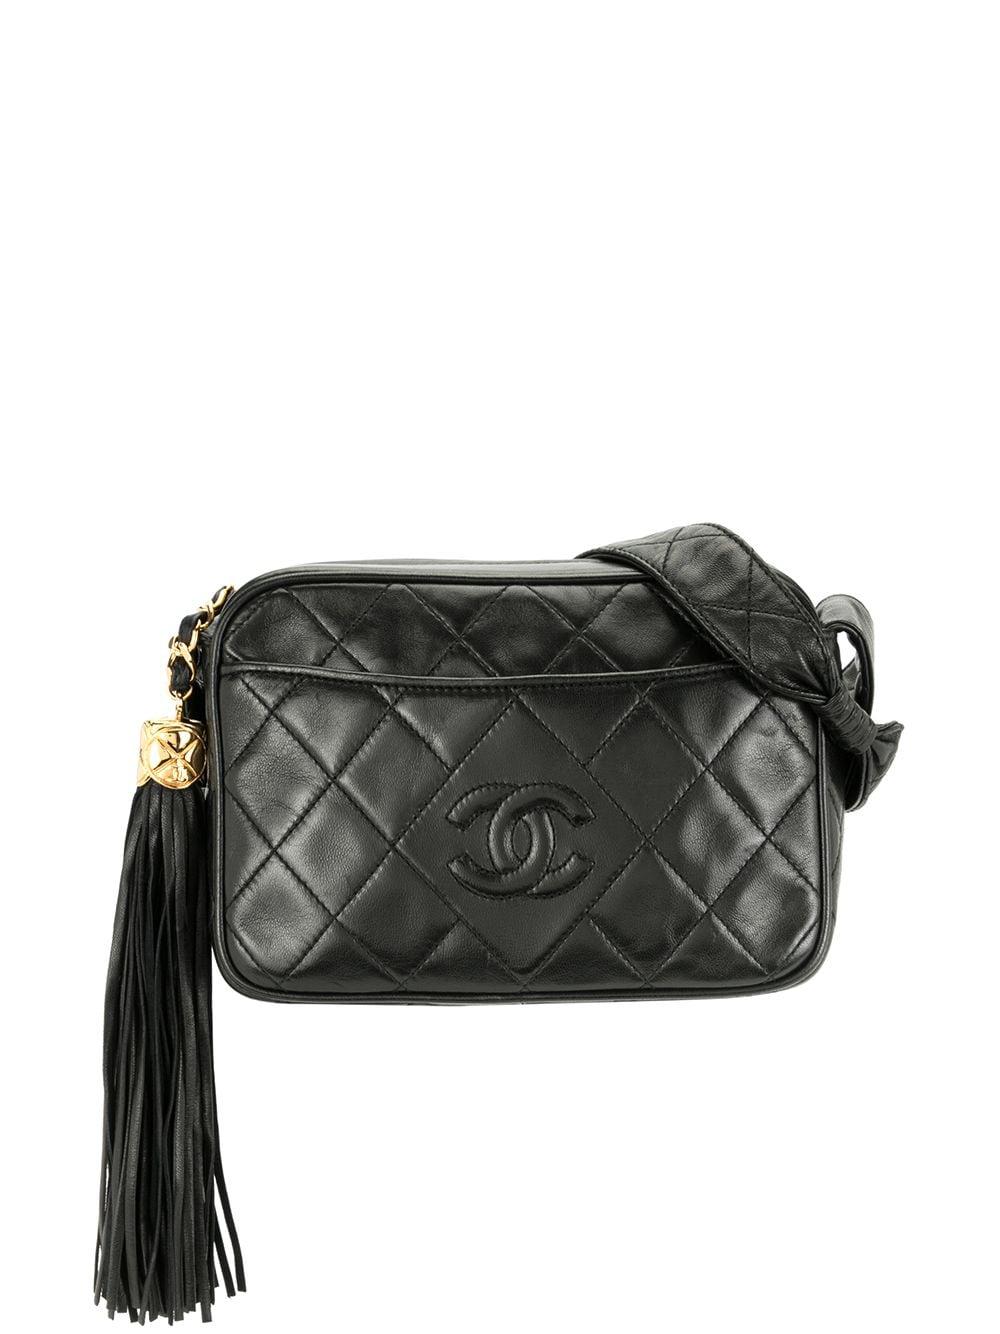 Chanel Pre-Owned 1992 Umhängetasche mit Quaste - Schwarz